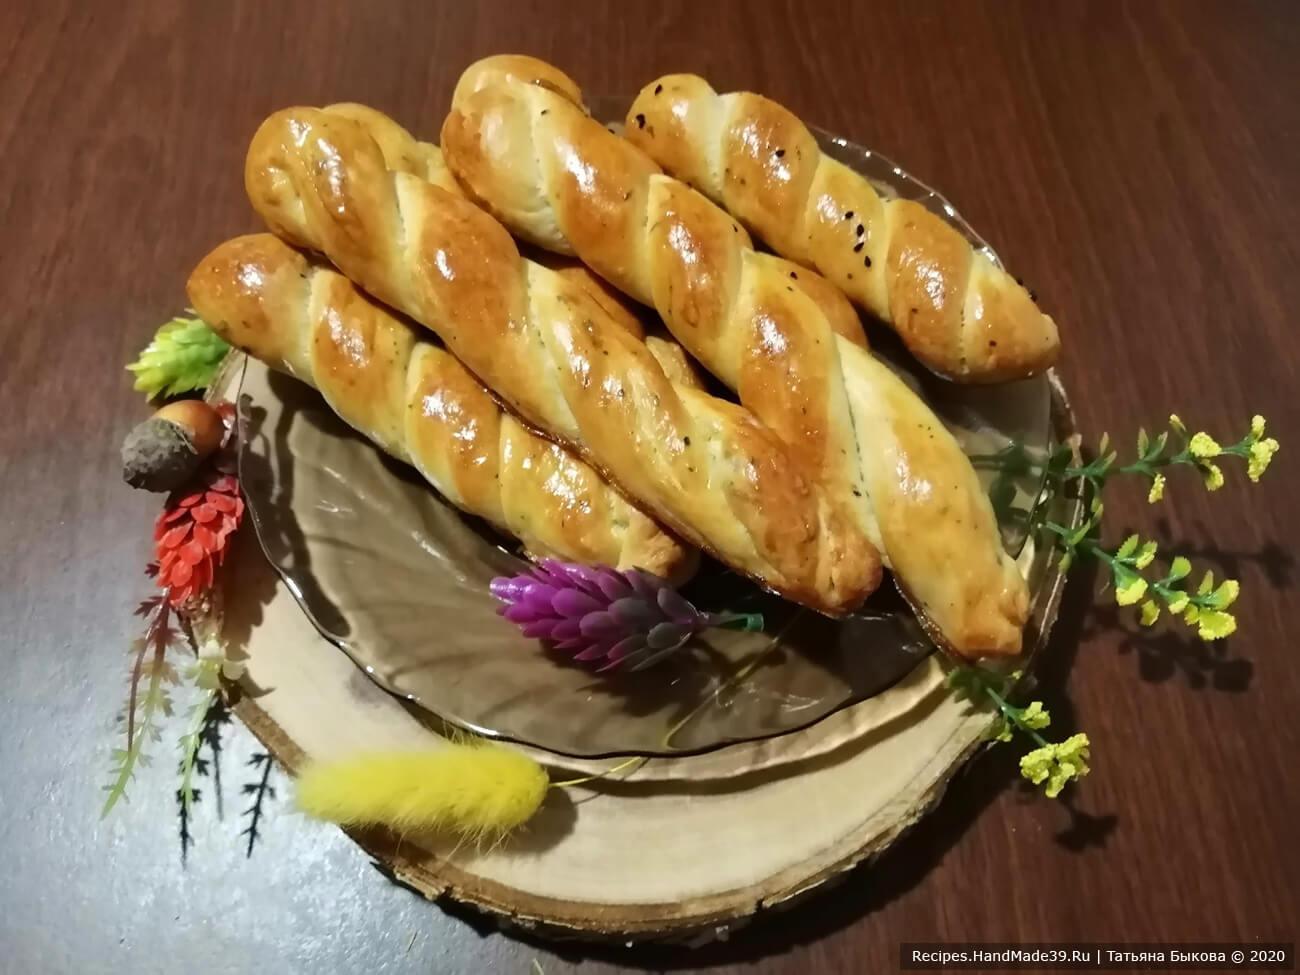 Дрожжевые булочки с зелёным луком и сыром